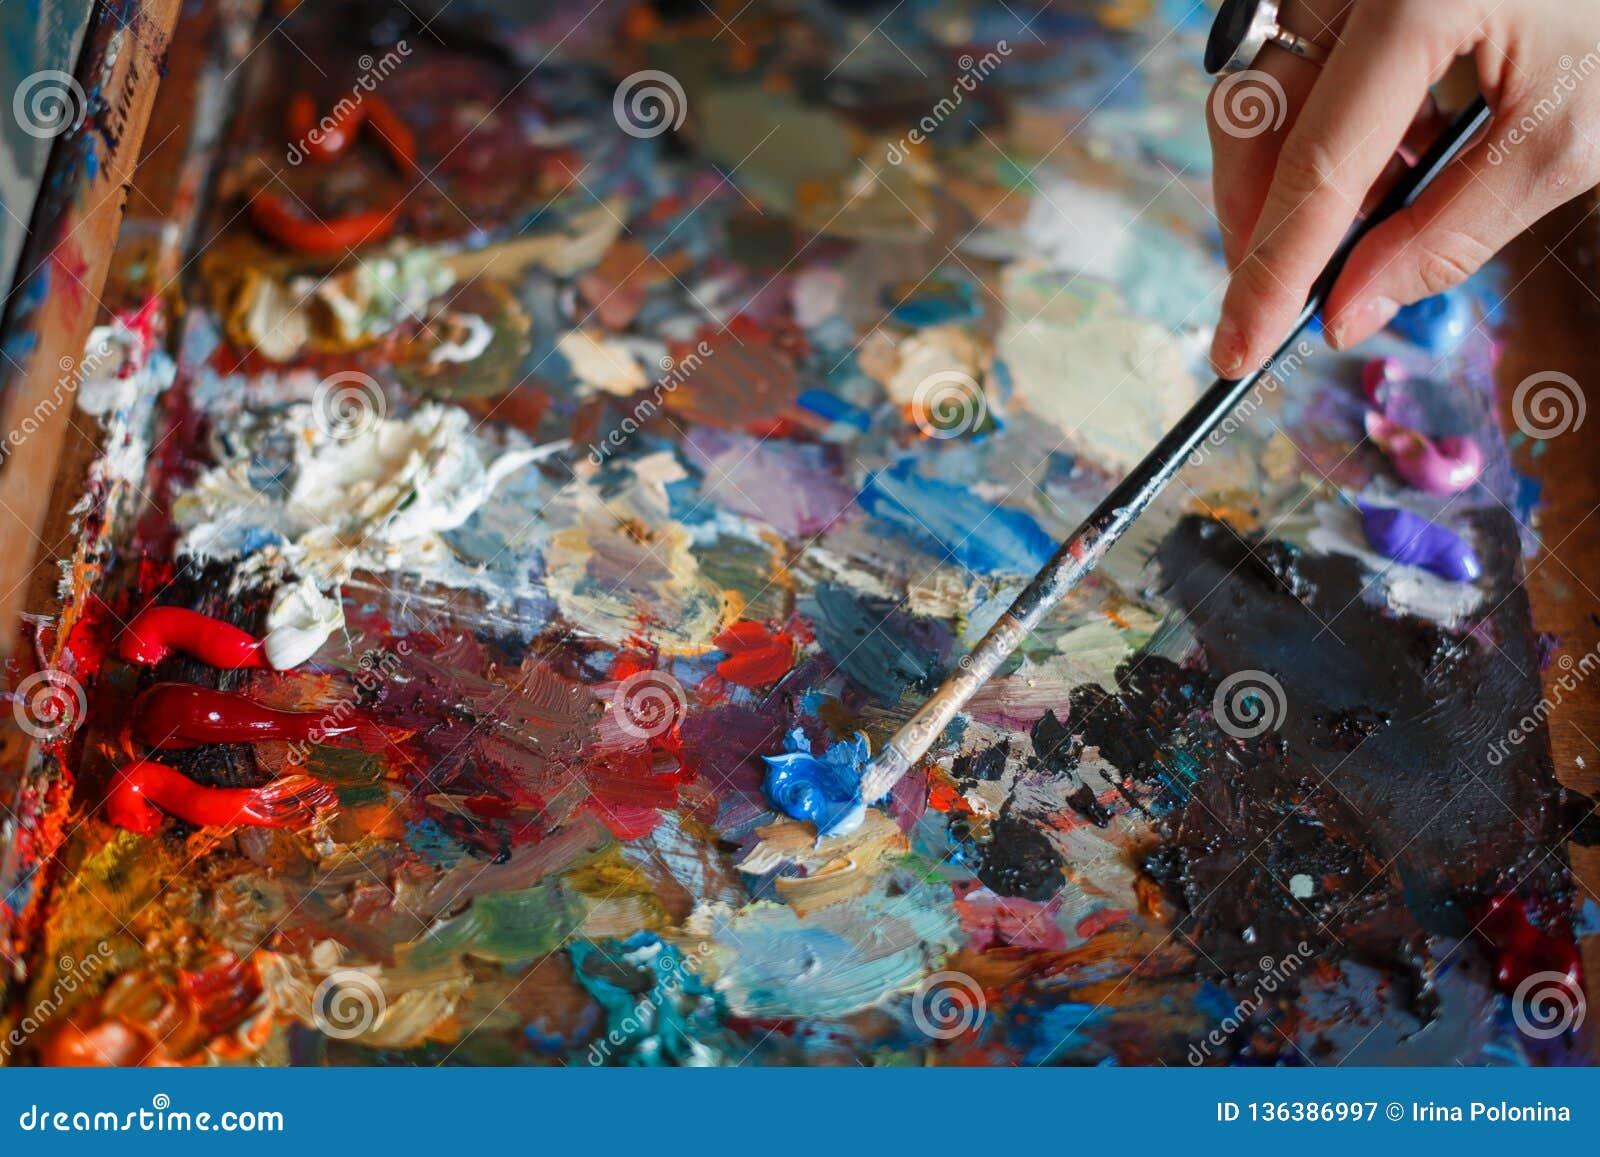 Ένας νέος καλλιτέχνης γυναικών χρωματίζει μια ελαιογραφία easel